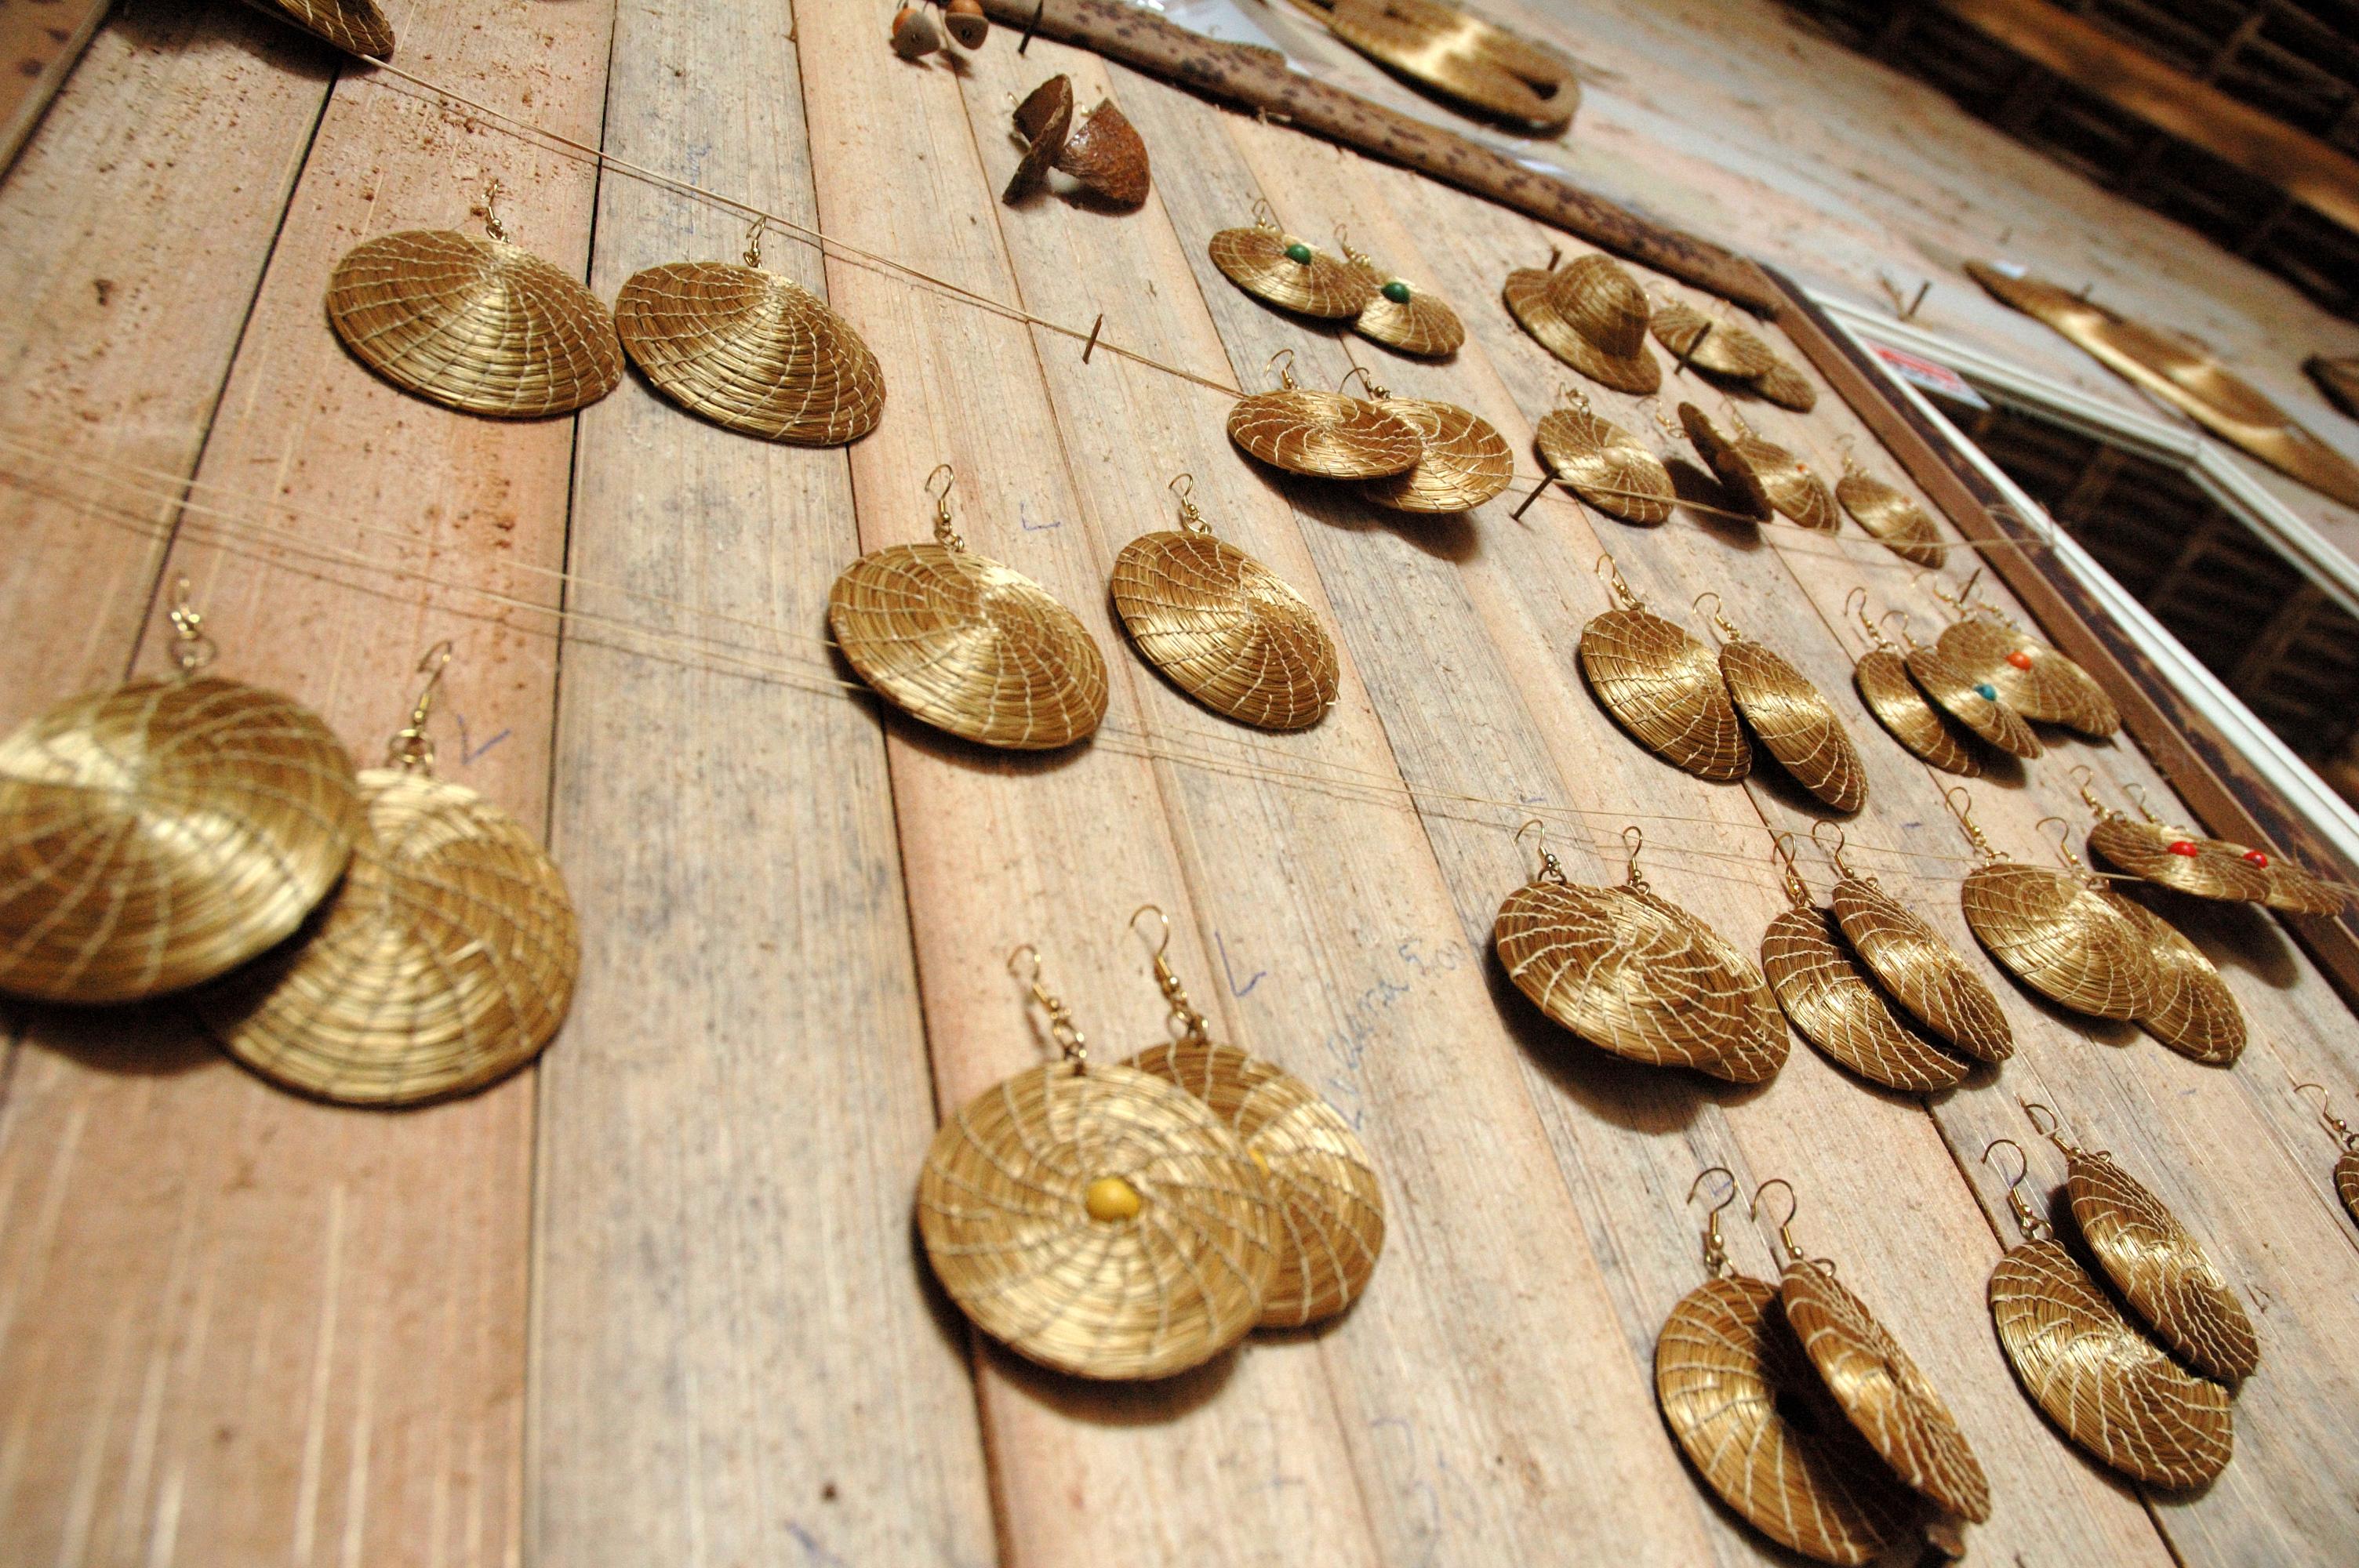 Adesivo Levanta Mama Onde Comprar ~ Ficheiro Brincos de Capim Dourado jpg u2013 Wikipédia, a enciclopédia livre